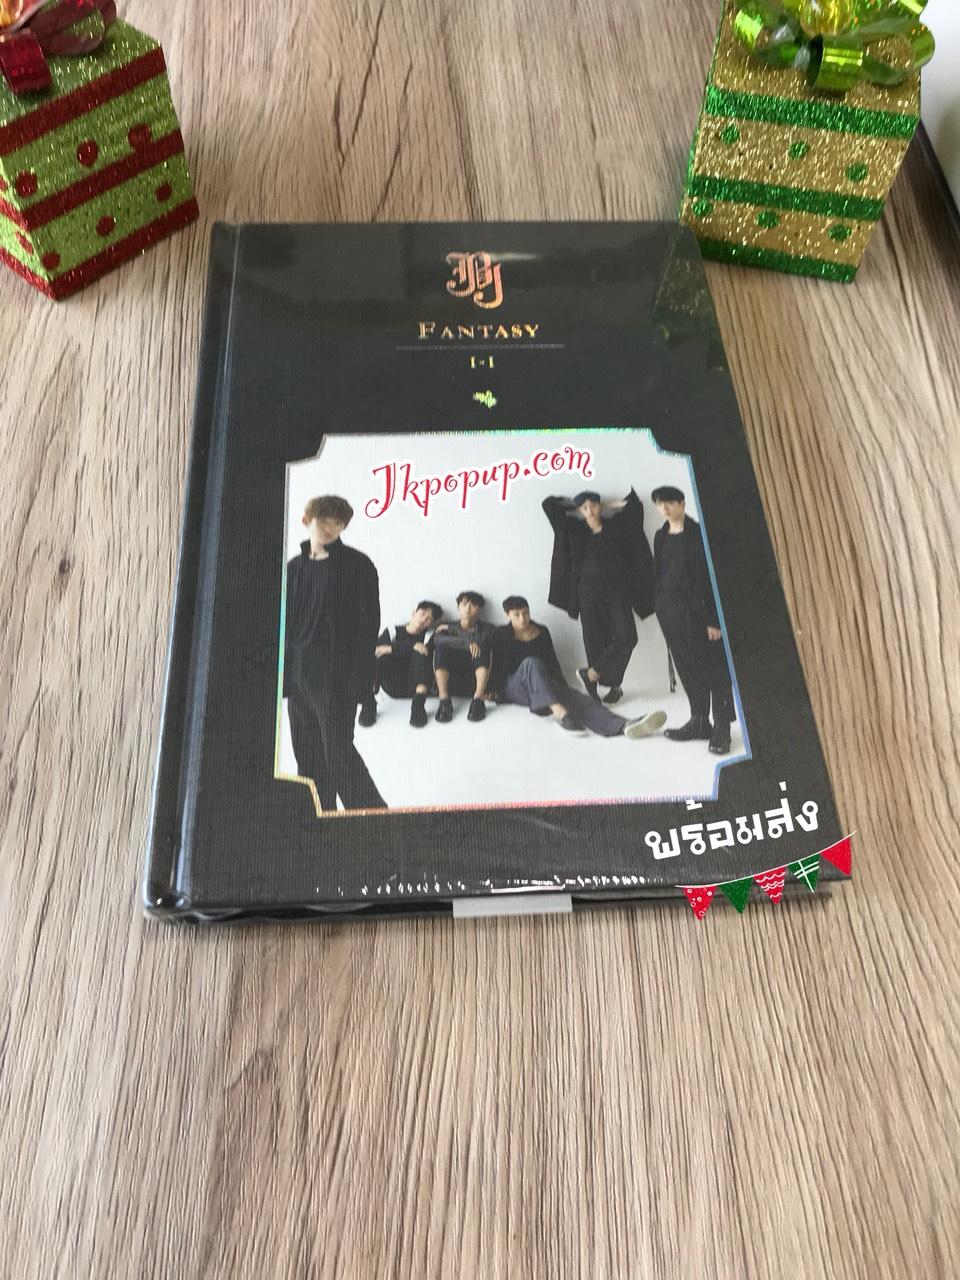 JBJ - Mini Album Vol.1 [FANTASY] (Volume I - I Ver.) พร้อมส่ง